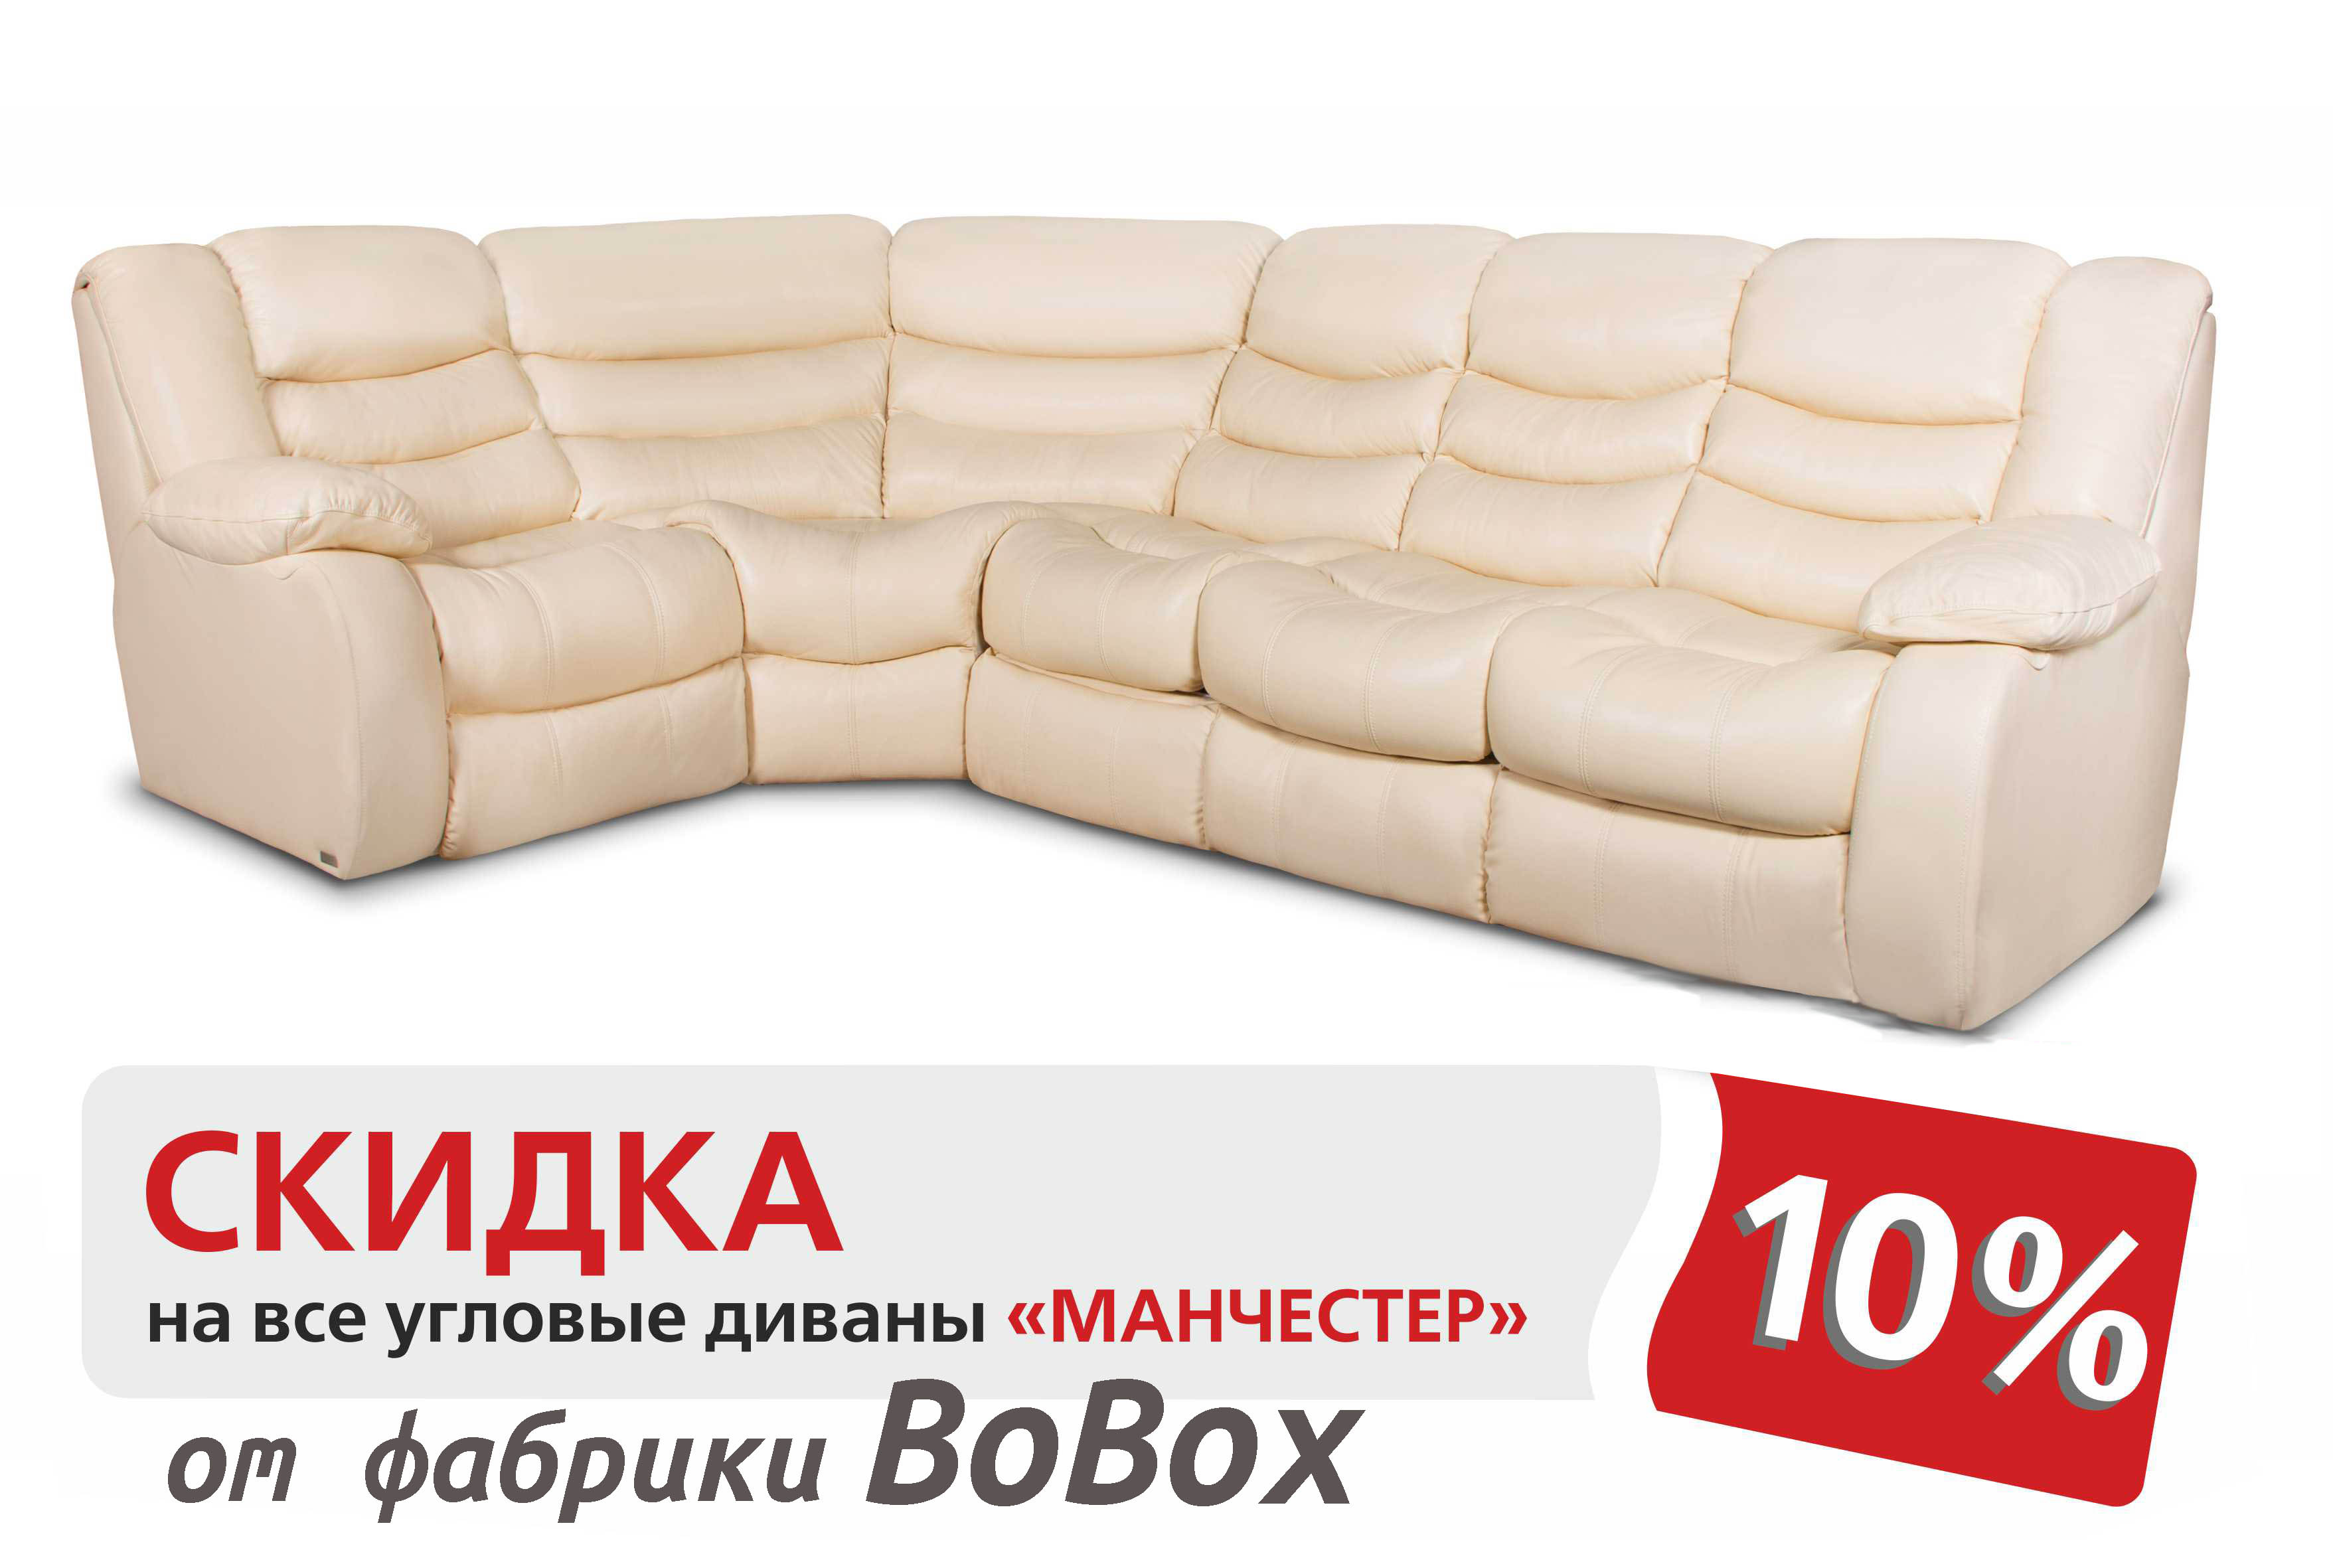 Угловой диван Манчестер, фабрика BoBox